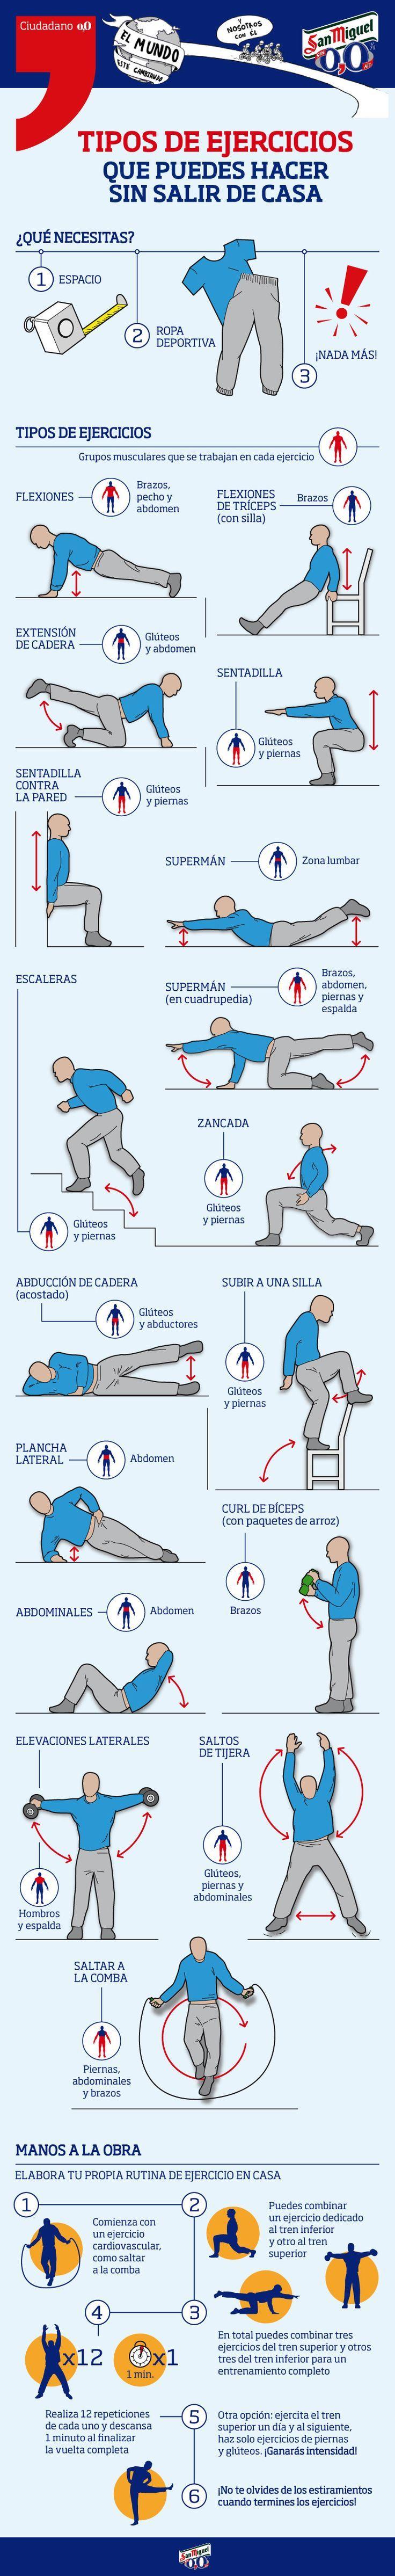 17 ejercicios que puedes hacer sin salir de casa